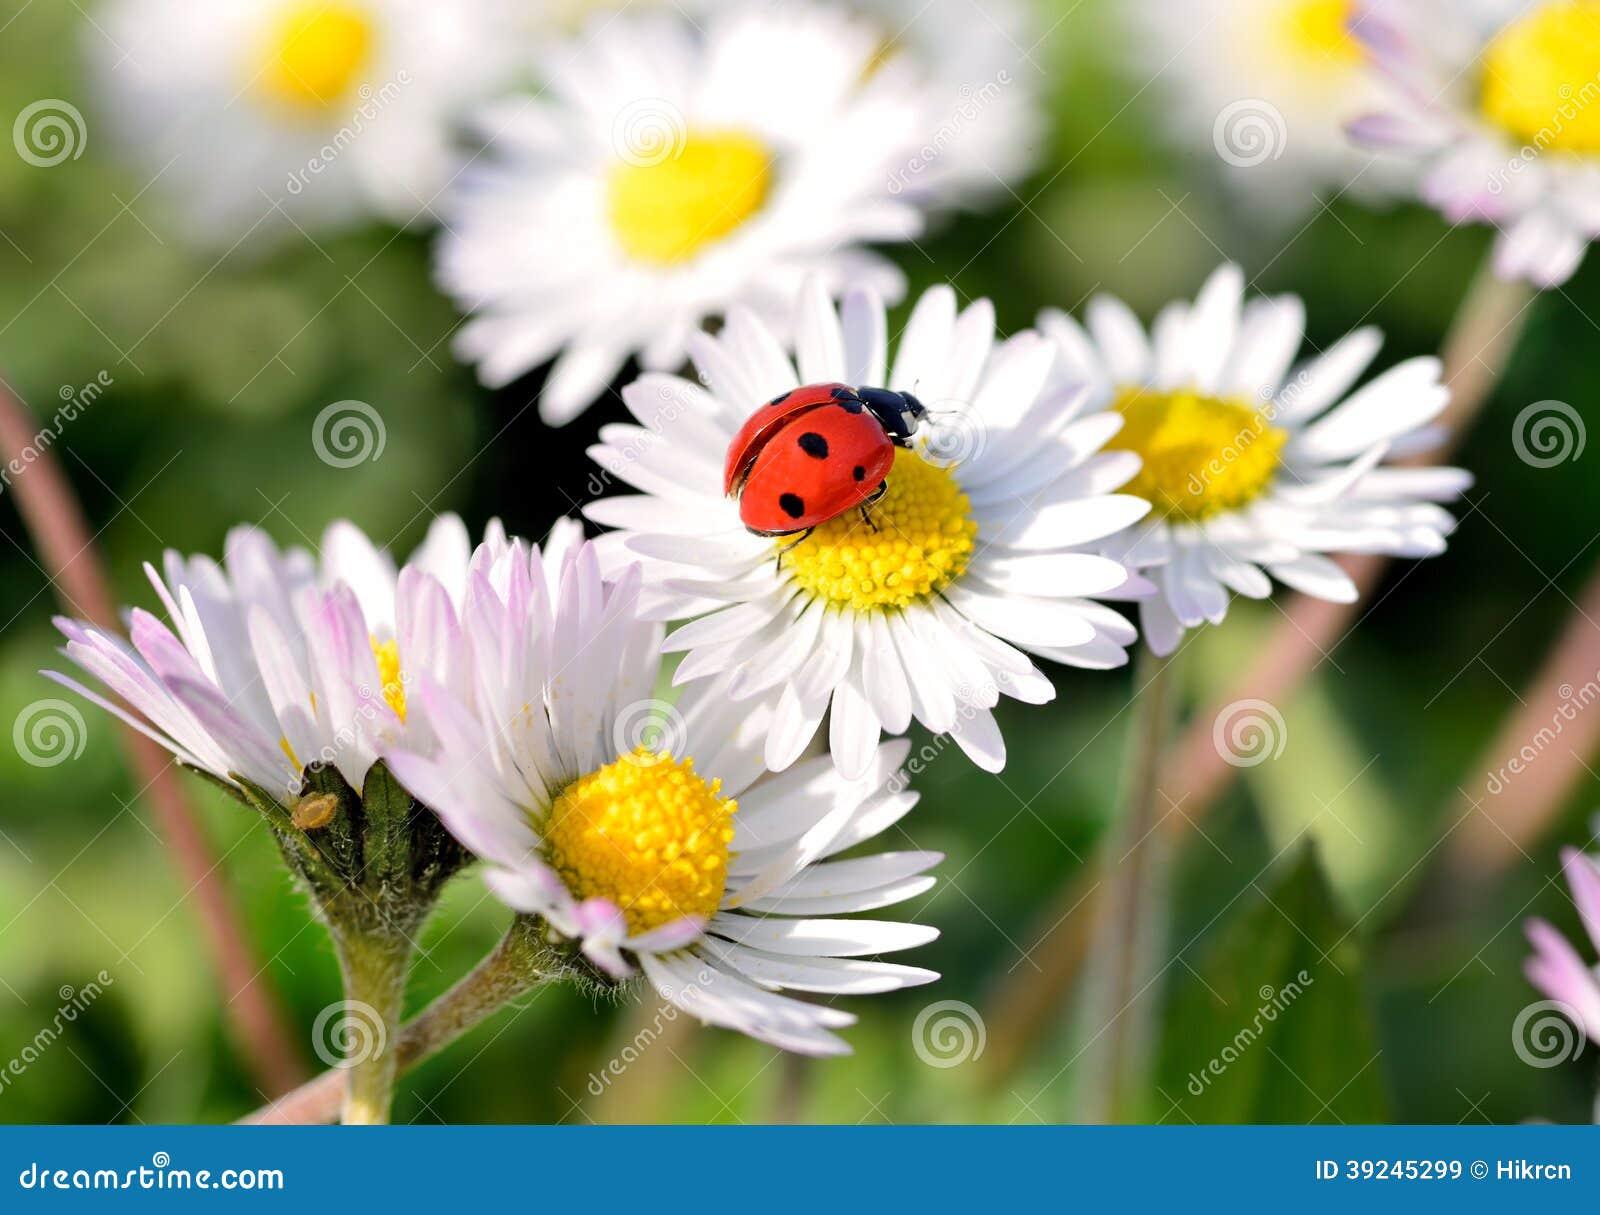 Ladybug on daisy flower stock image image of concept 39245299 ladybug on daisy flower izmirmasajfo